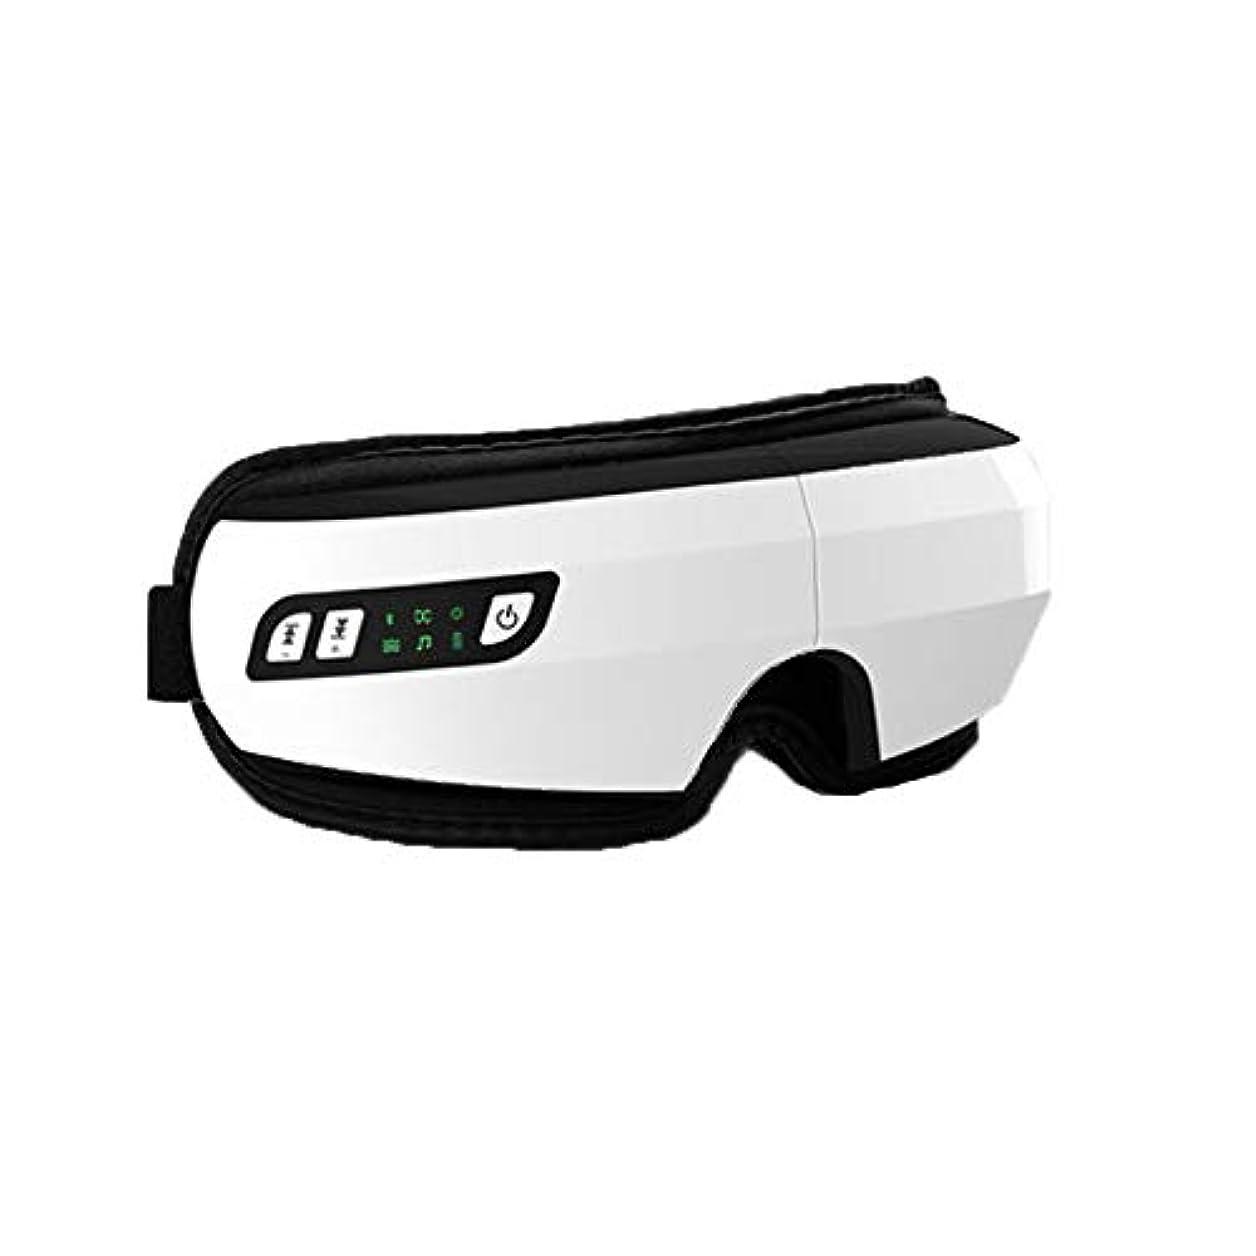 毎回ヒロインロマンチックマッサージャー - 熱い湿布は近視の黒い目の声の振動目の保護の器械を取り除きます (色 : 白)